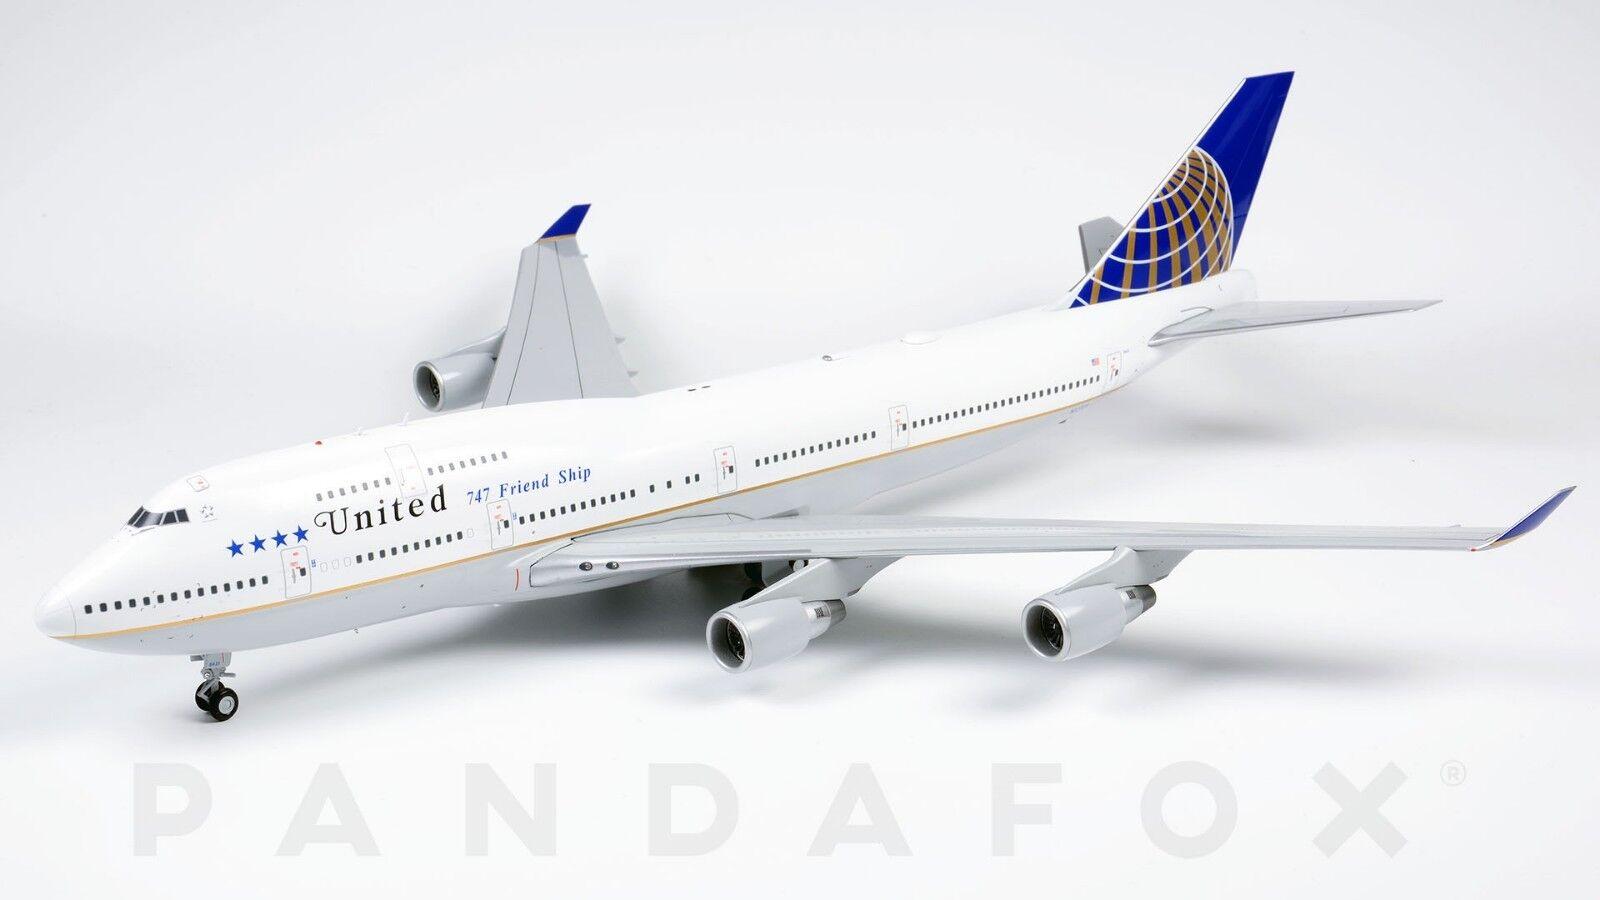 promociones United amistad JC Wings Boeing 747-400 N121UA N121UA N121UA JC2UAL204 XX2204 escala 1 200  hasta un 50% de descuento